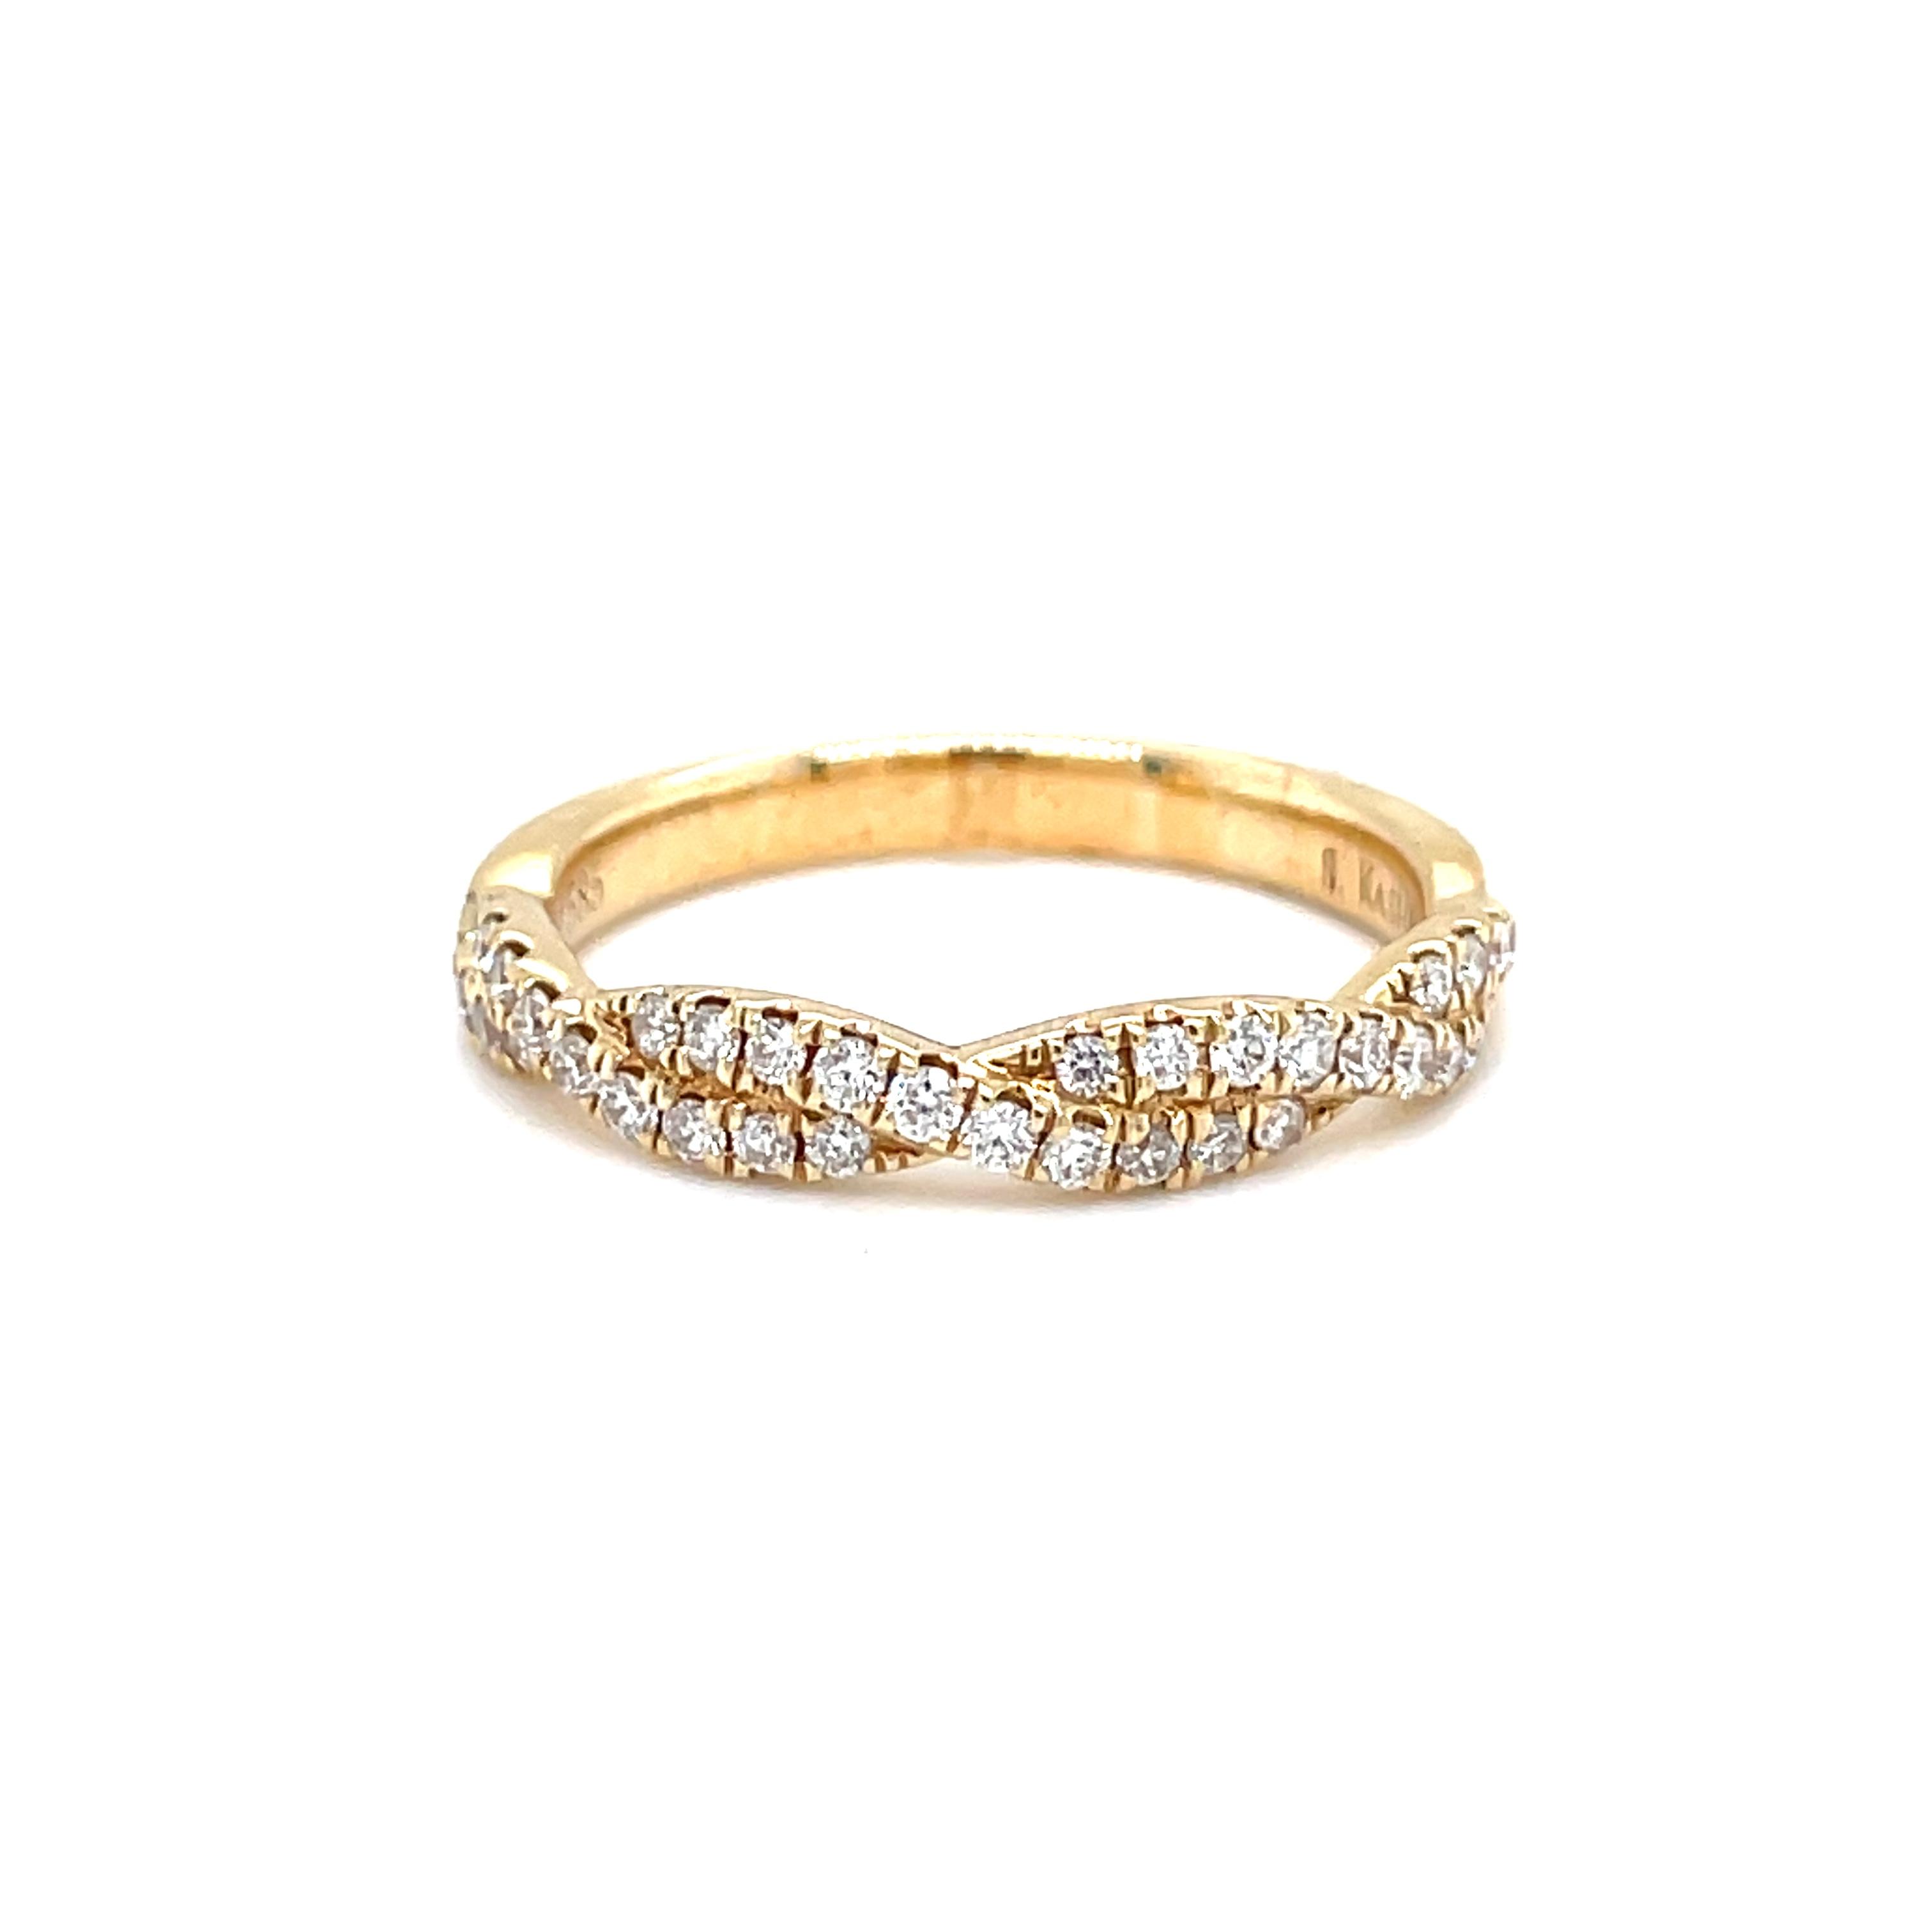 14k Yellow Gold Diamond Rope Twist Band